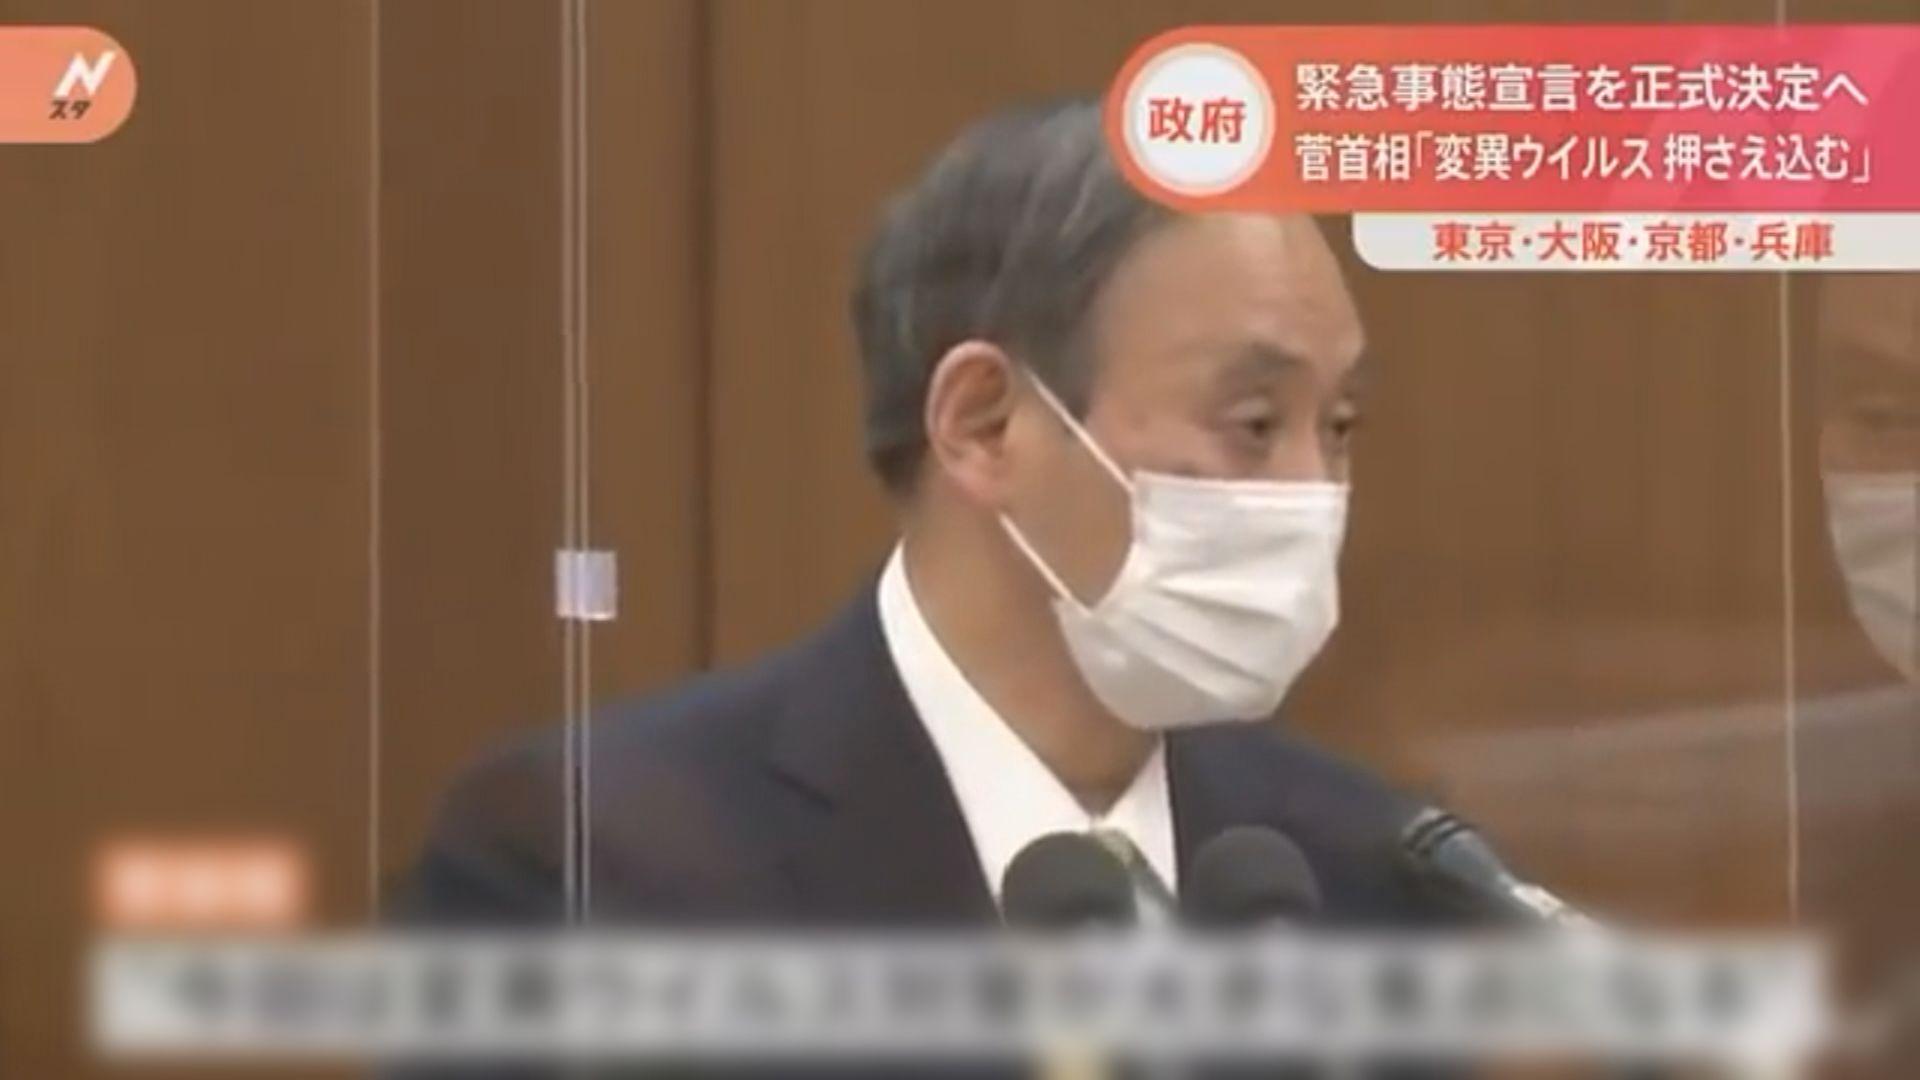 日本向四個都府縣發布緊急事態宣言